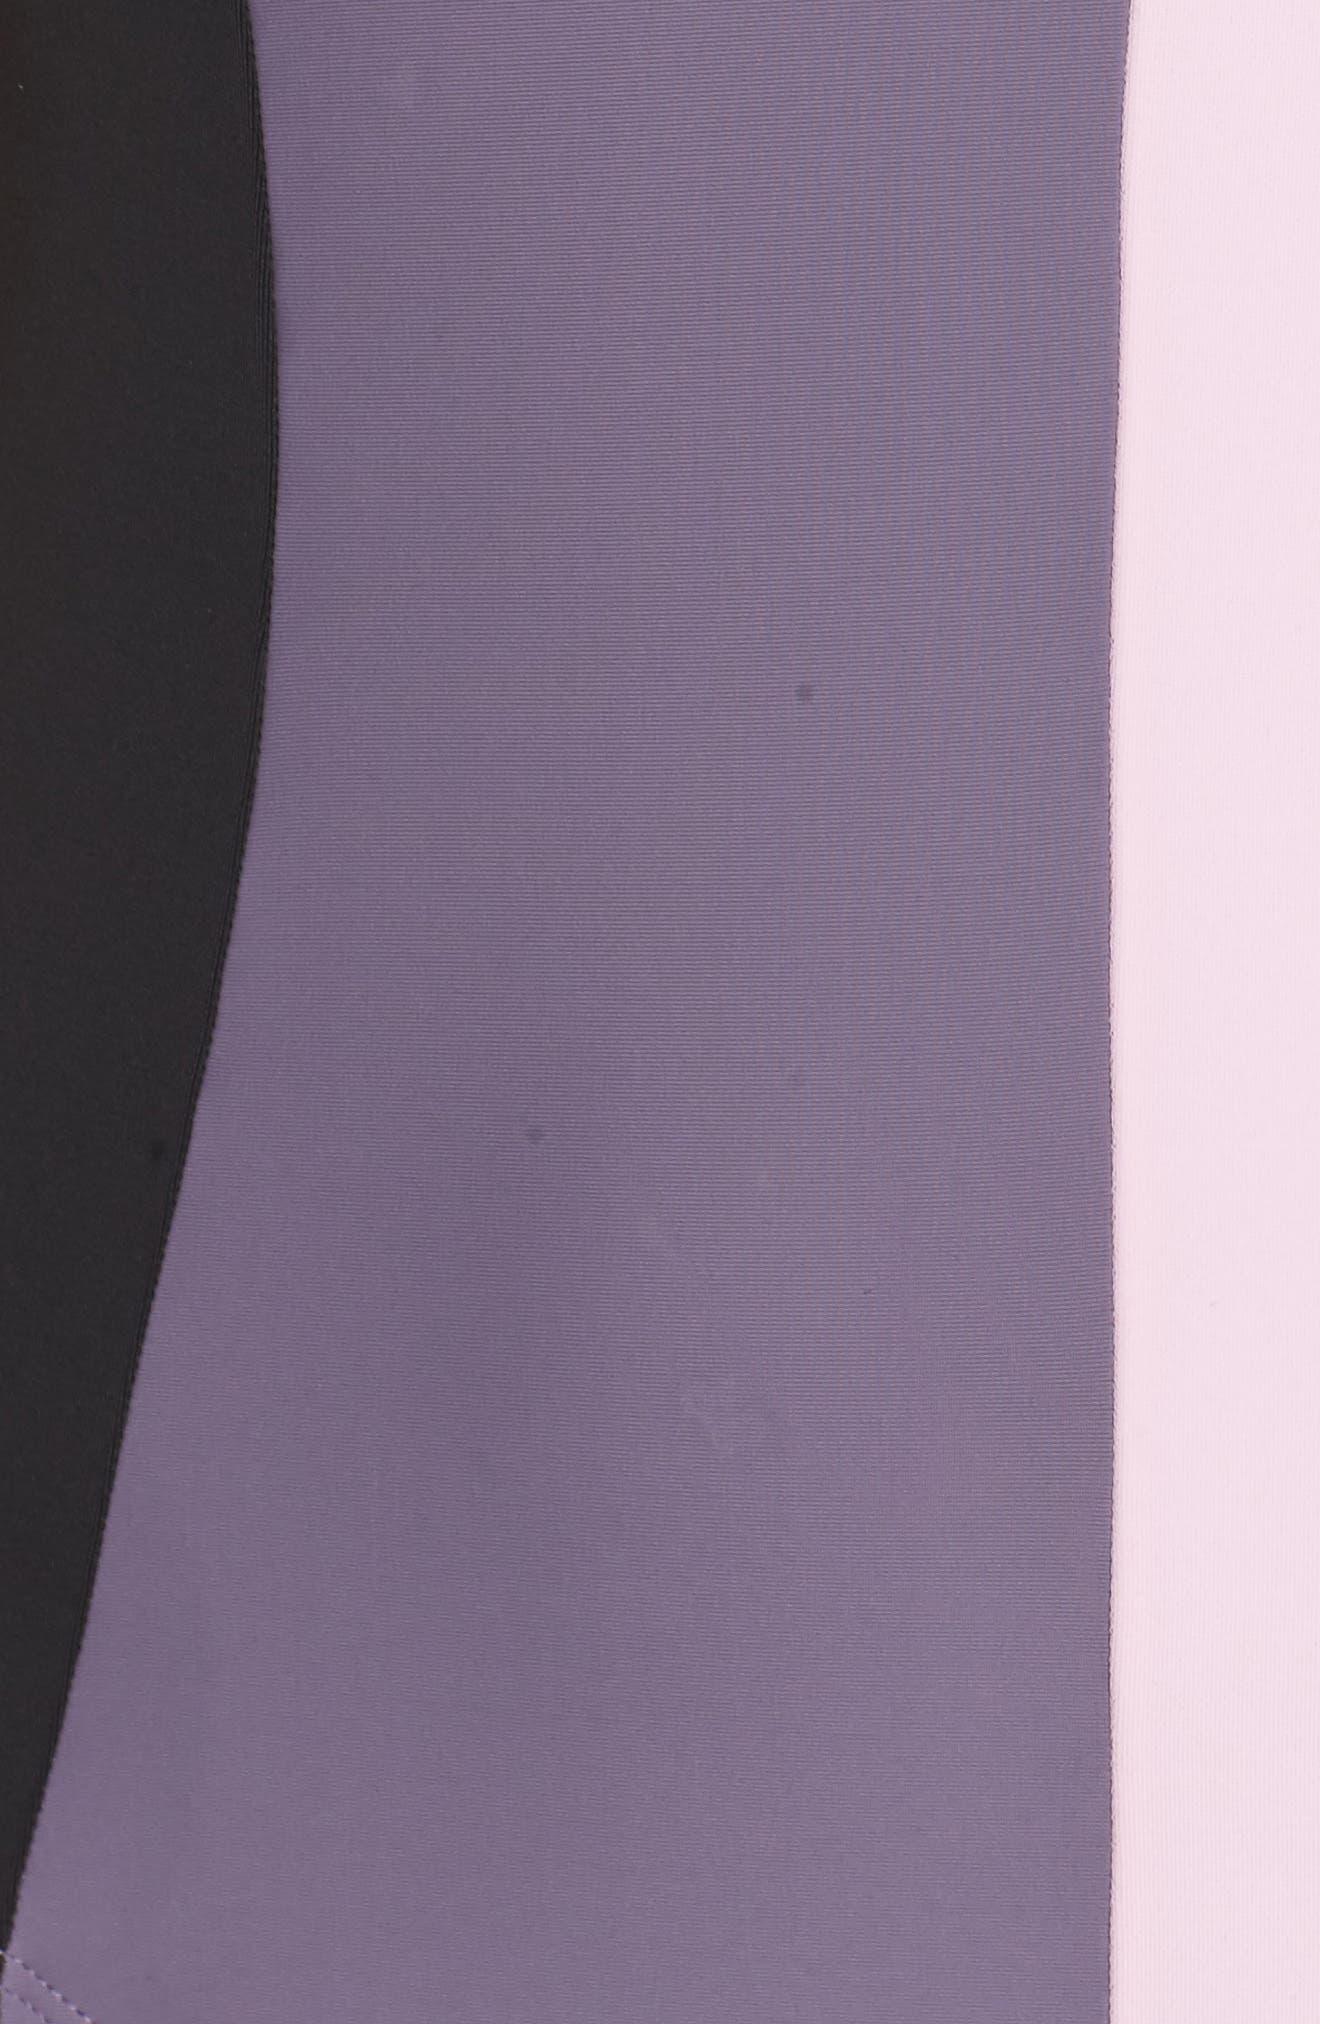 Farrah Colorblock One-Piece Swimsuit,                             Alternate thumbnail 5, color,                             Amethyst